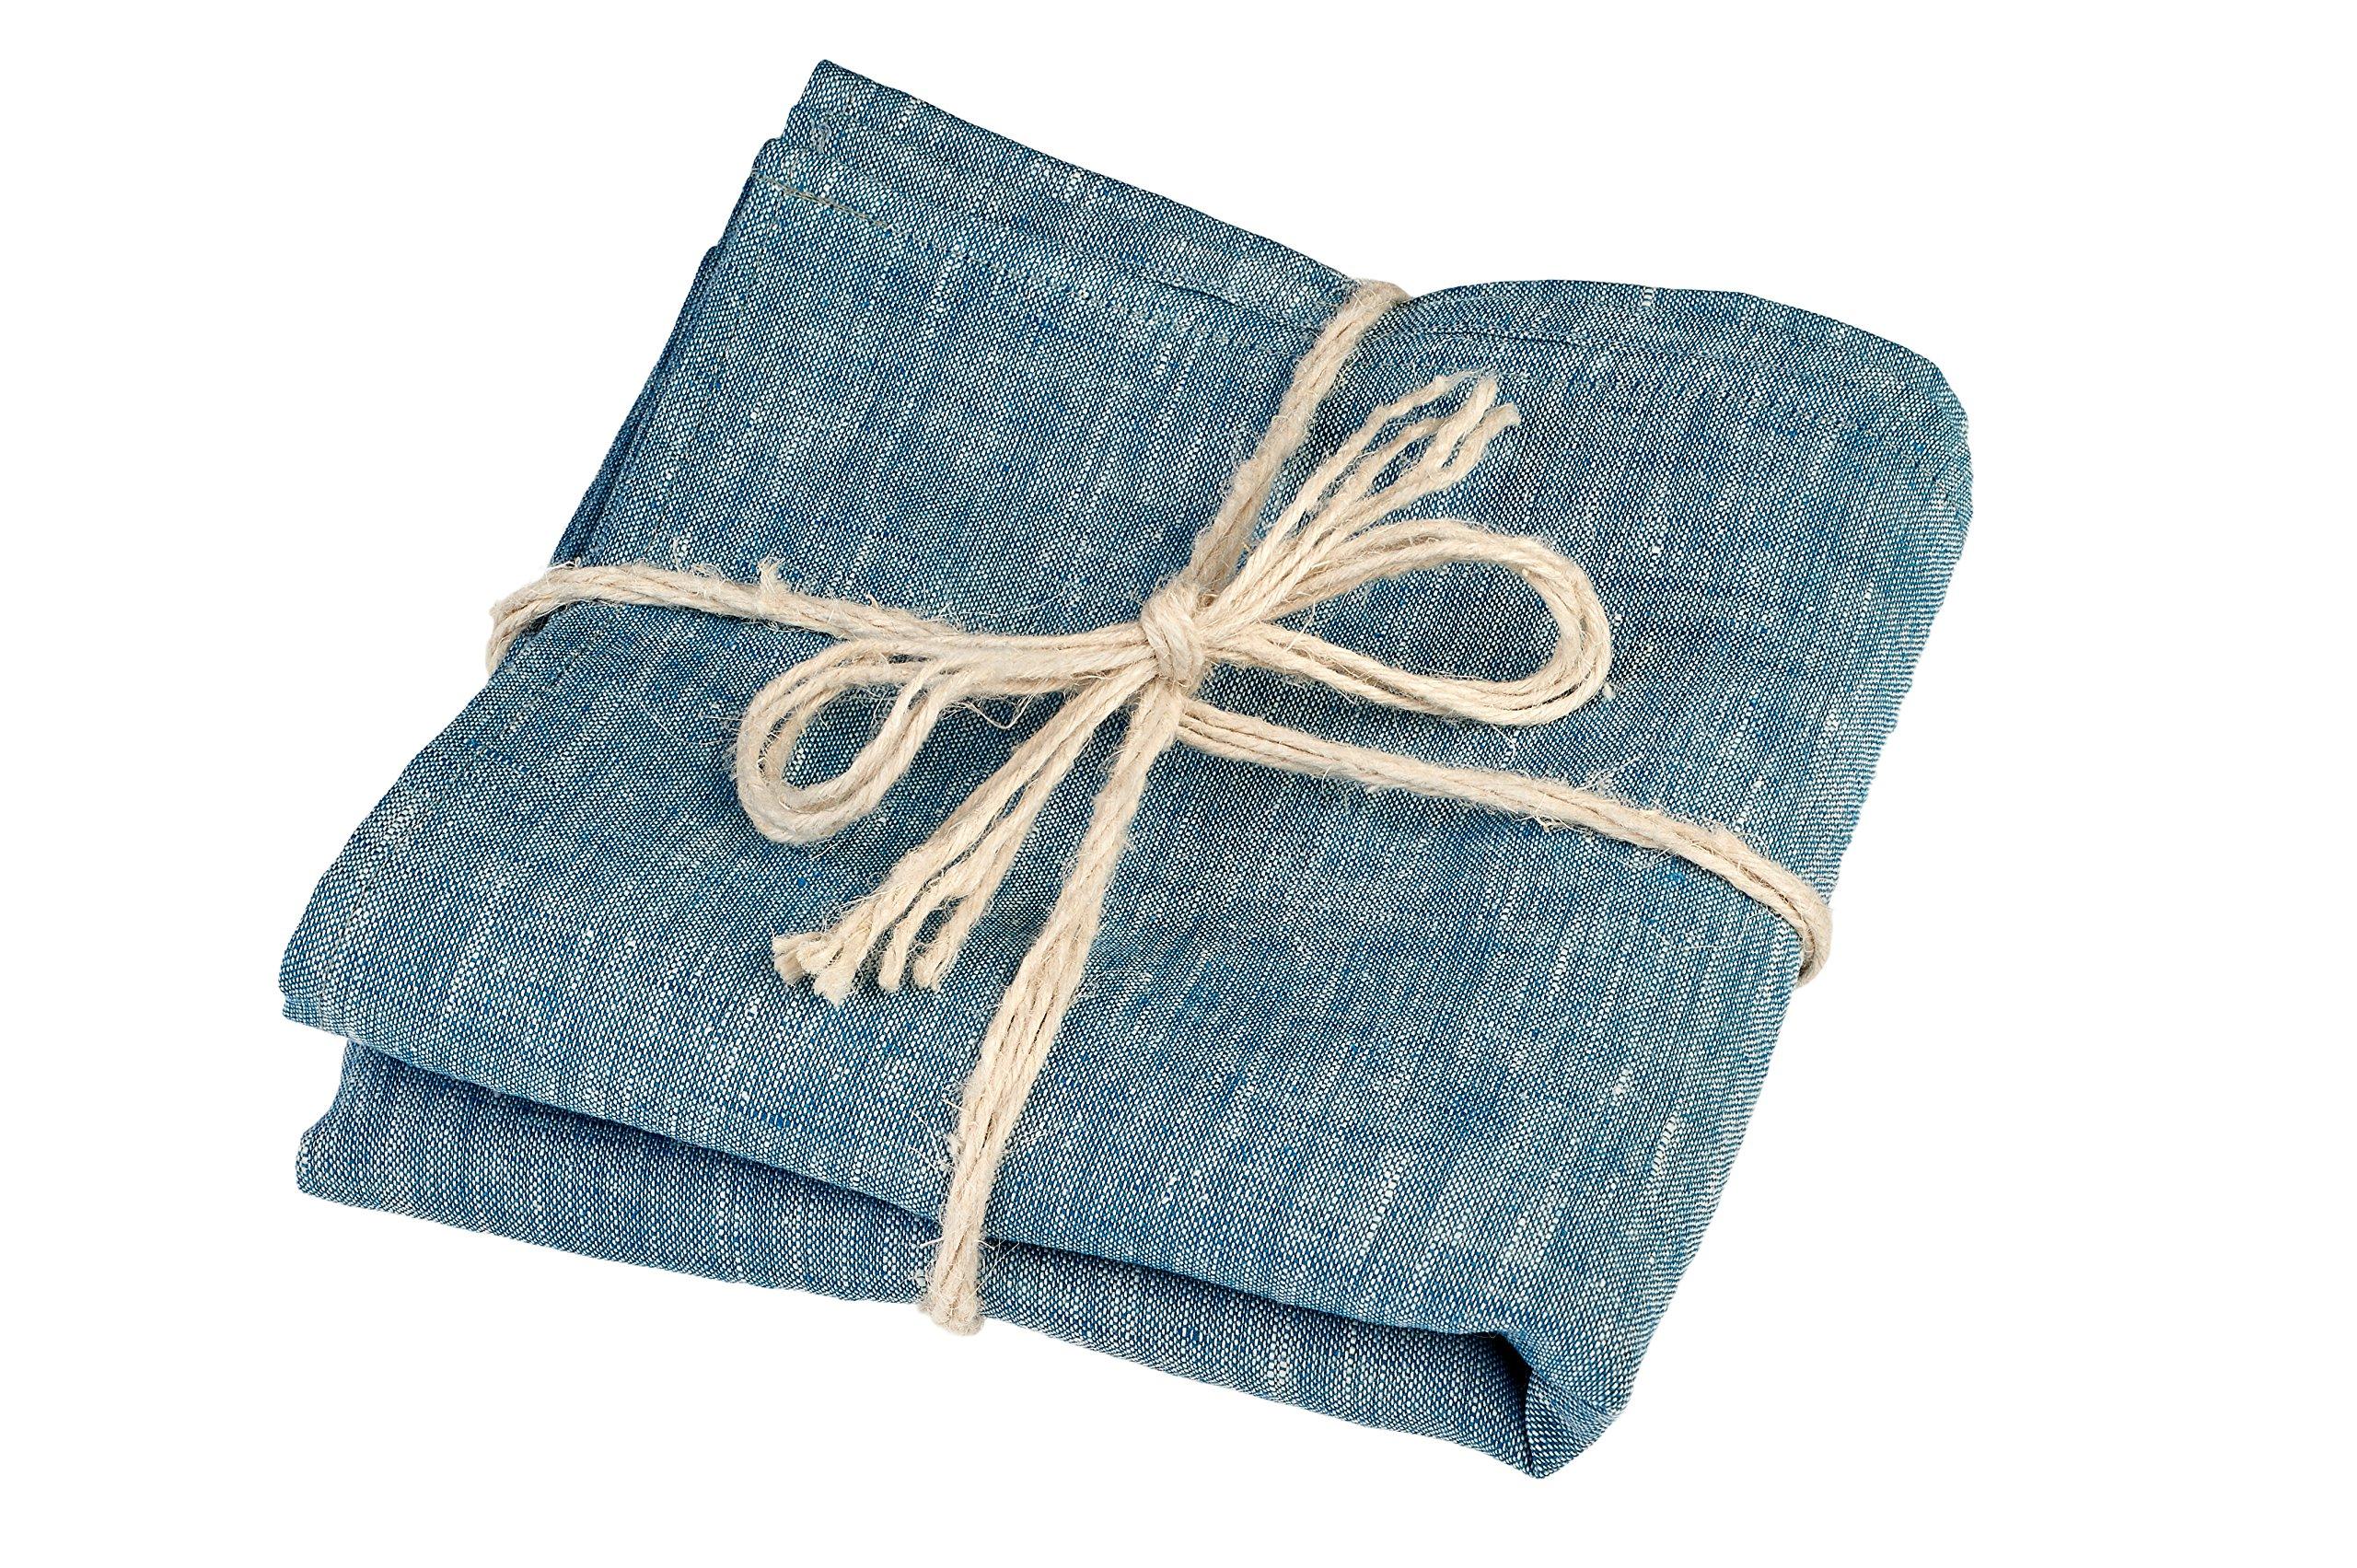 Green Foster Product Natural Soft Linen Flax Bath Towel, Blue -  - bathroom-linens, bathroom, bath-towels - A1QTEN3%2BbOL -